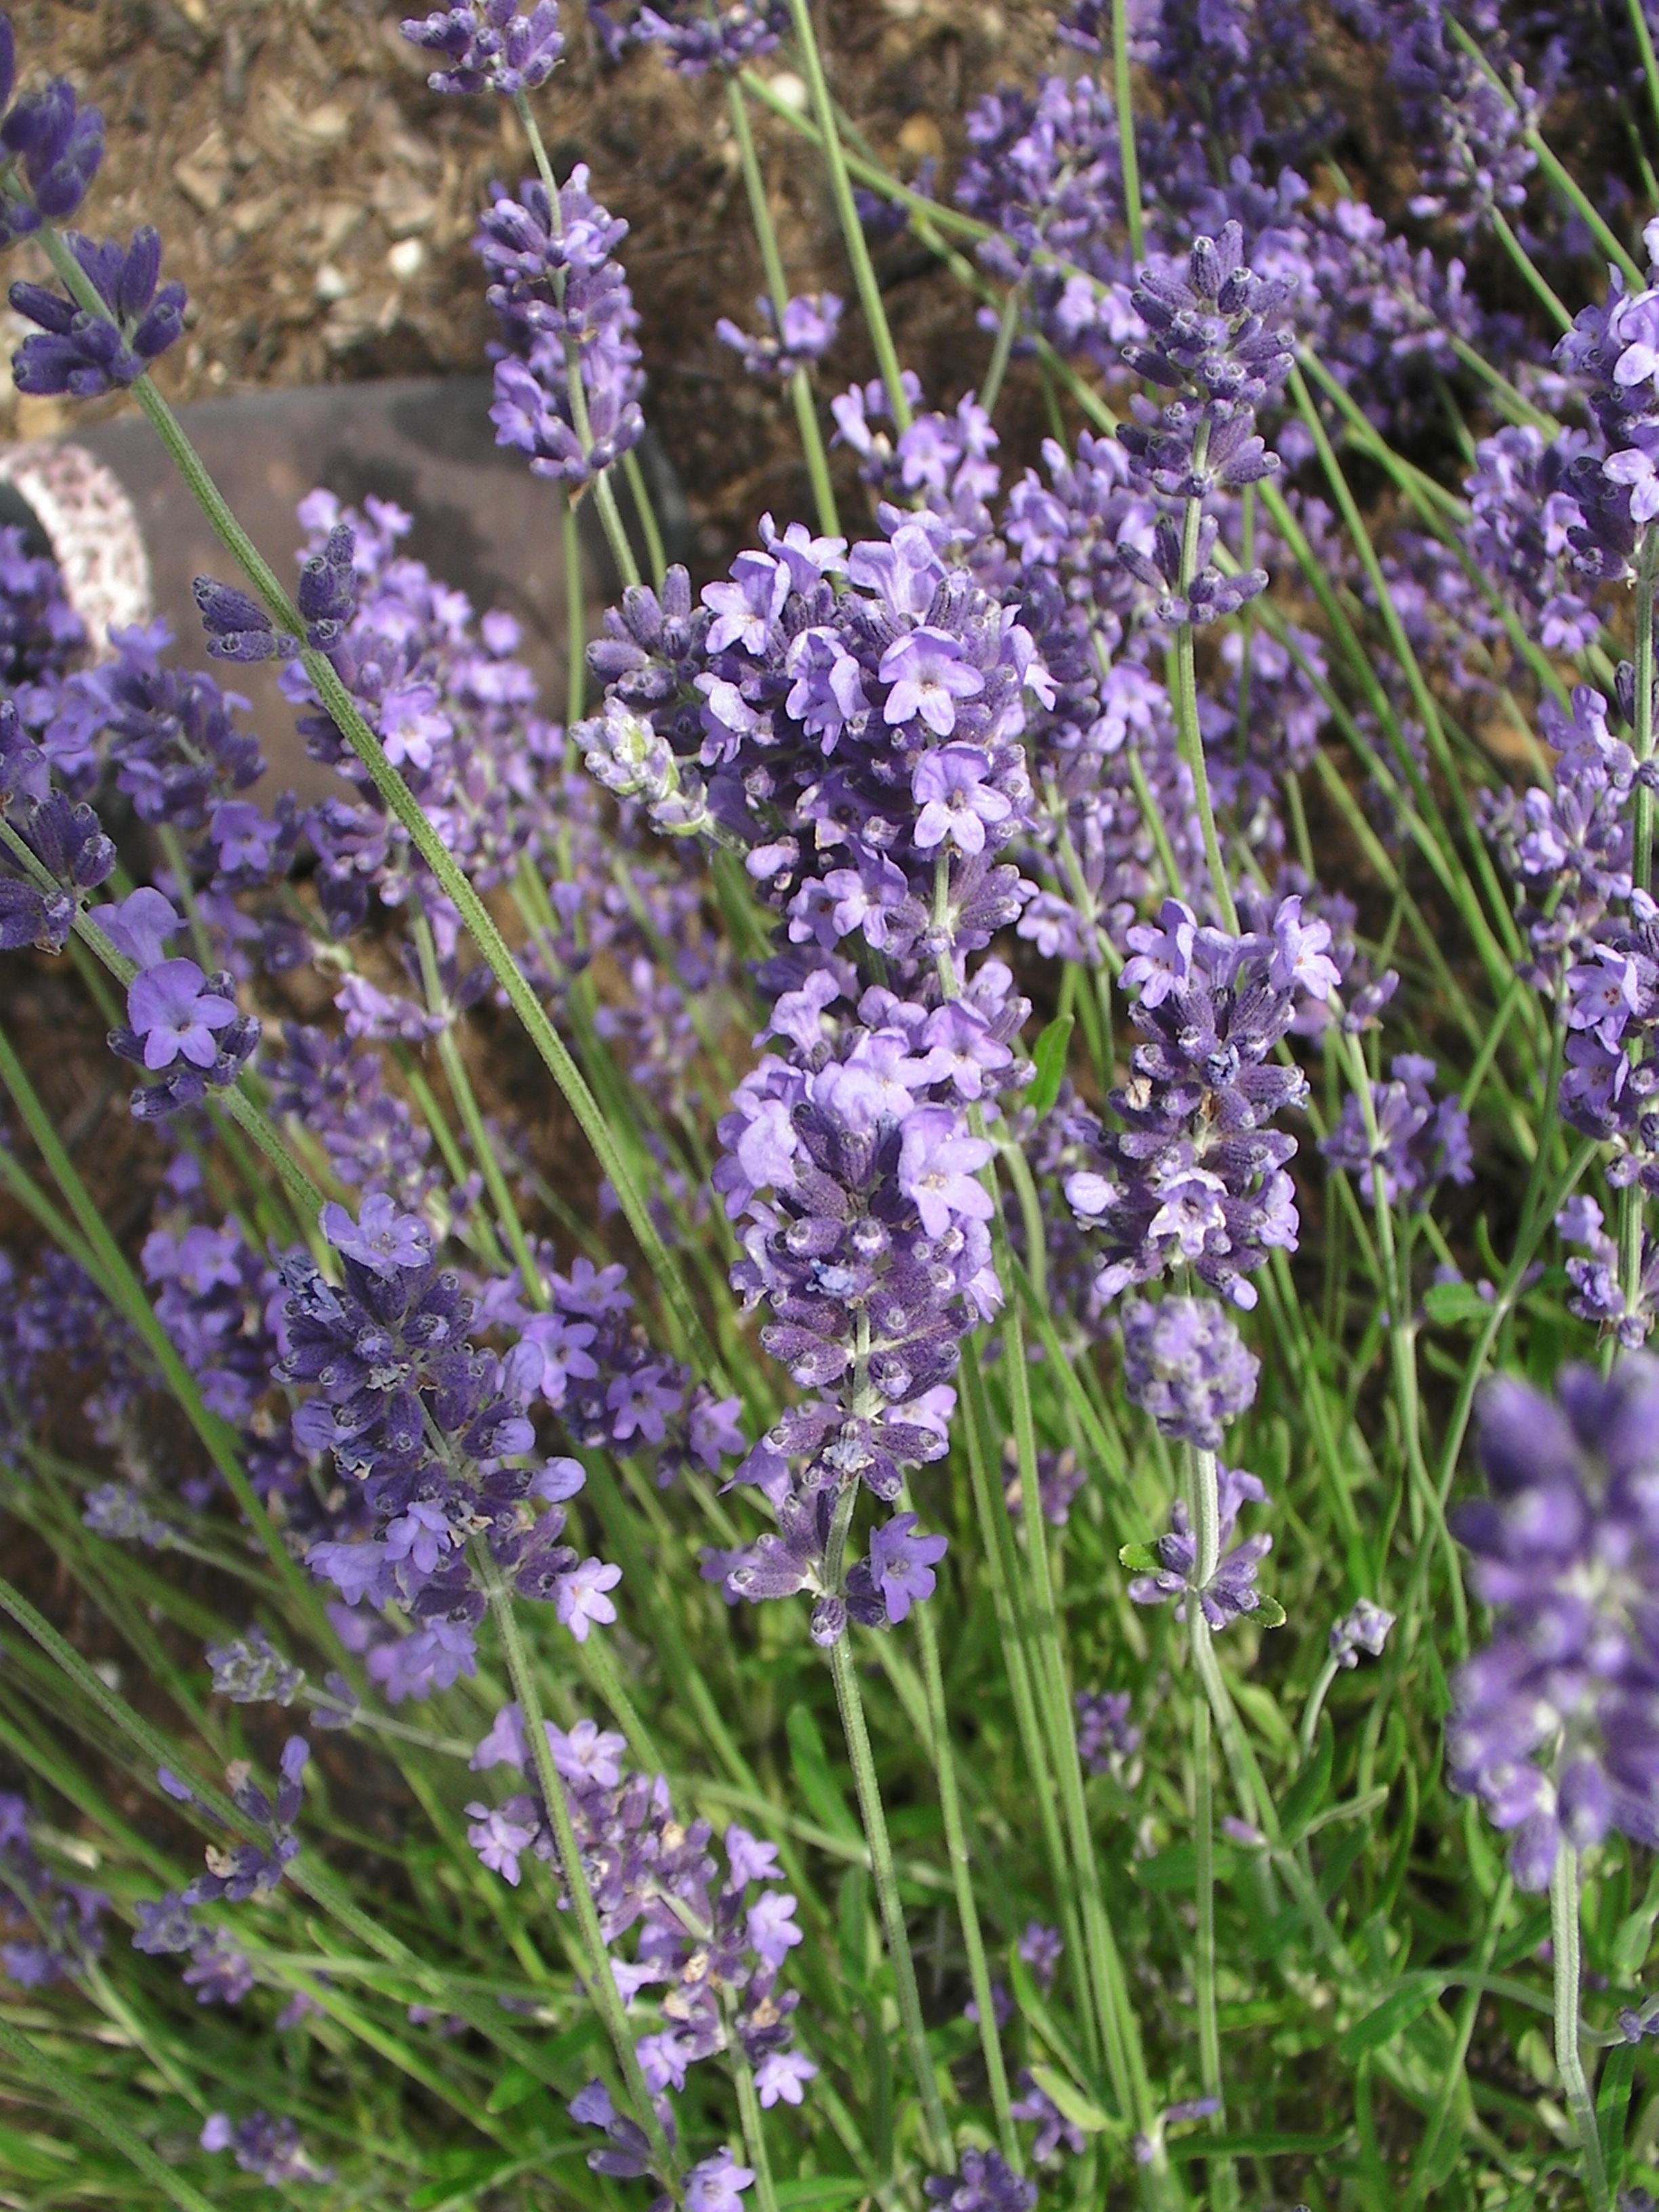 kostenlose foto bl hen blume lila sommer frankreich kraut blumen violett geruch. Black Bedroom Furniture Sets. Home Design Ideas